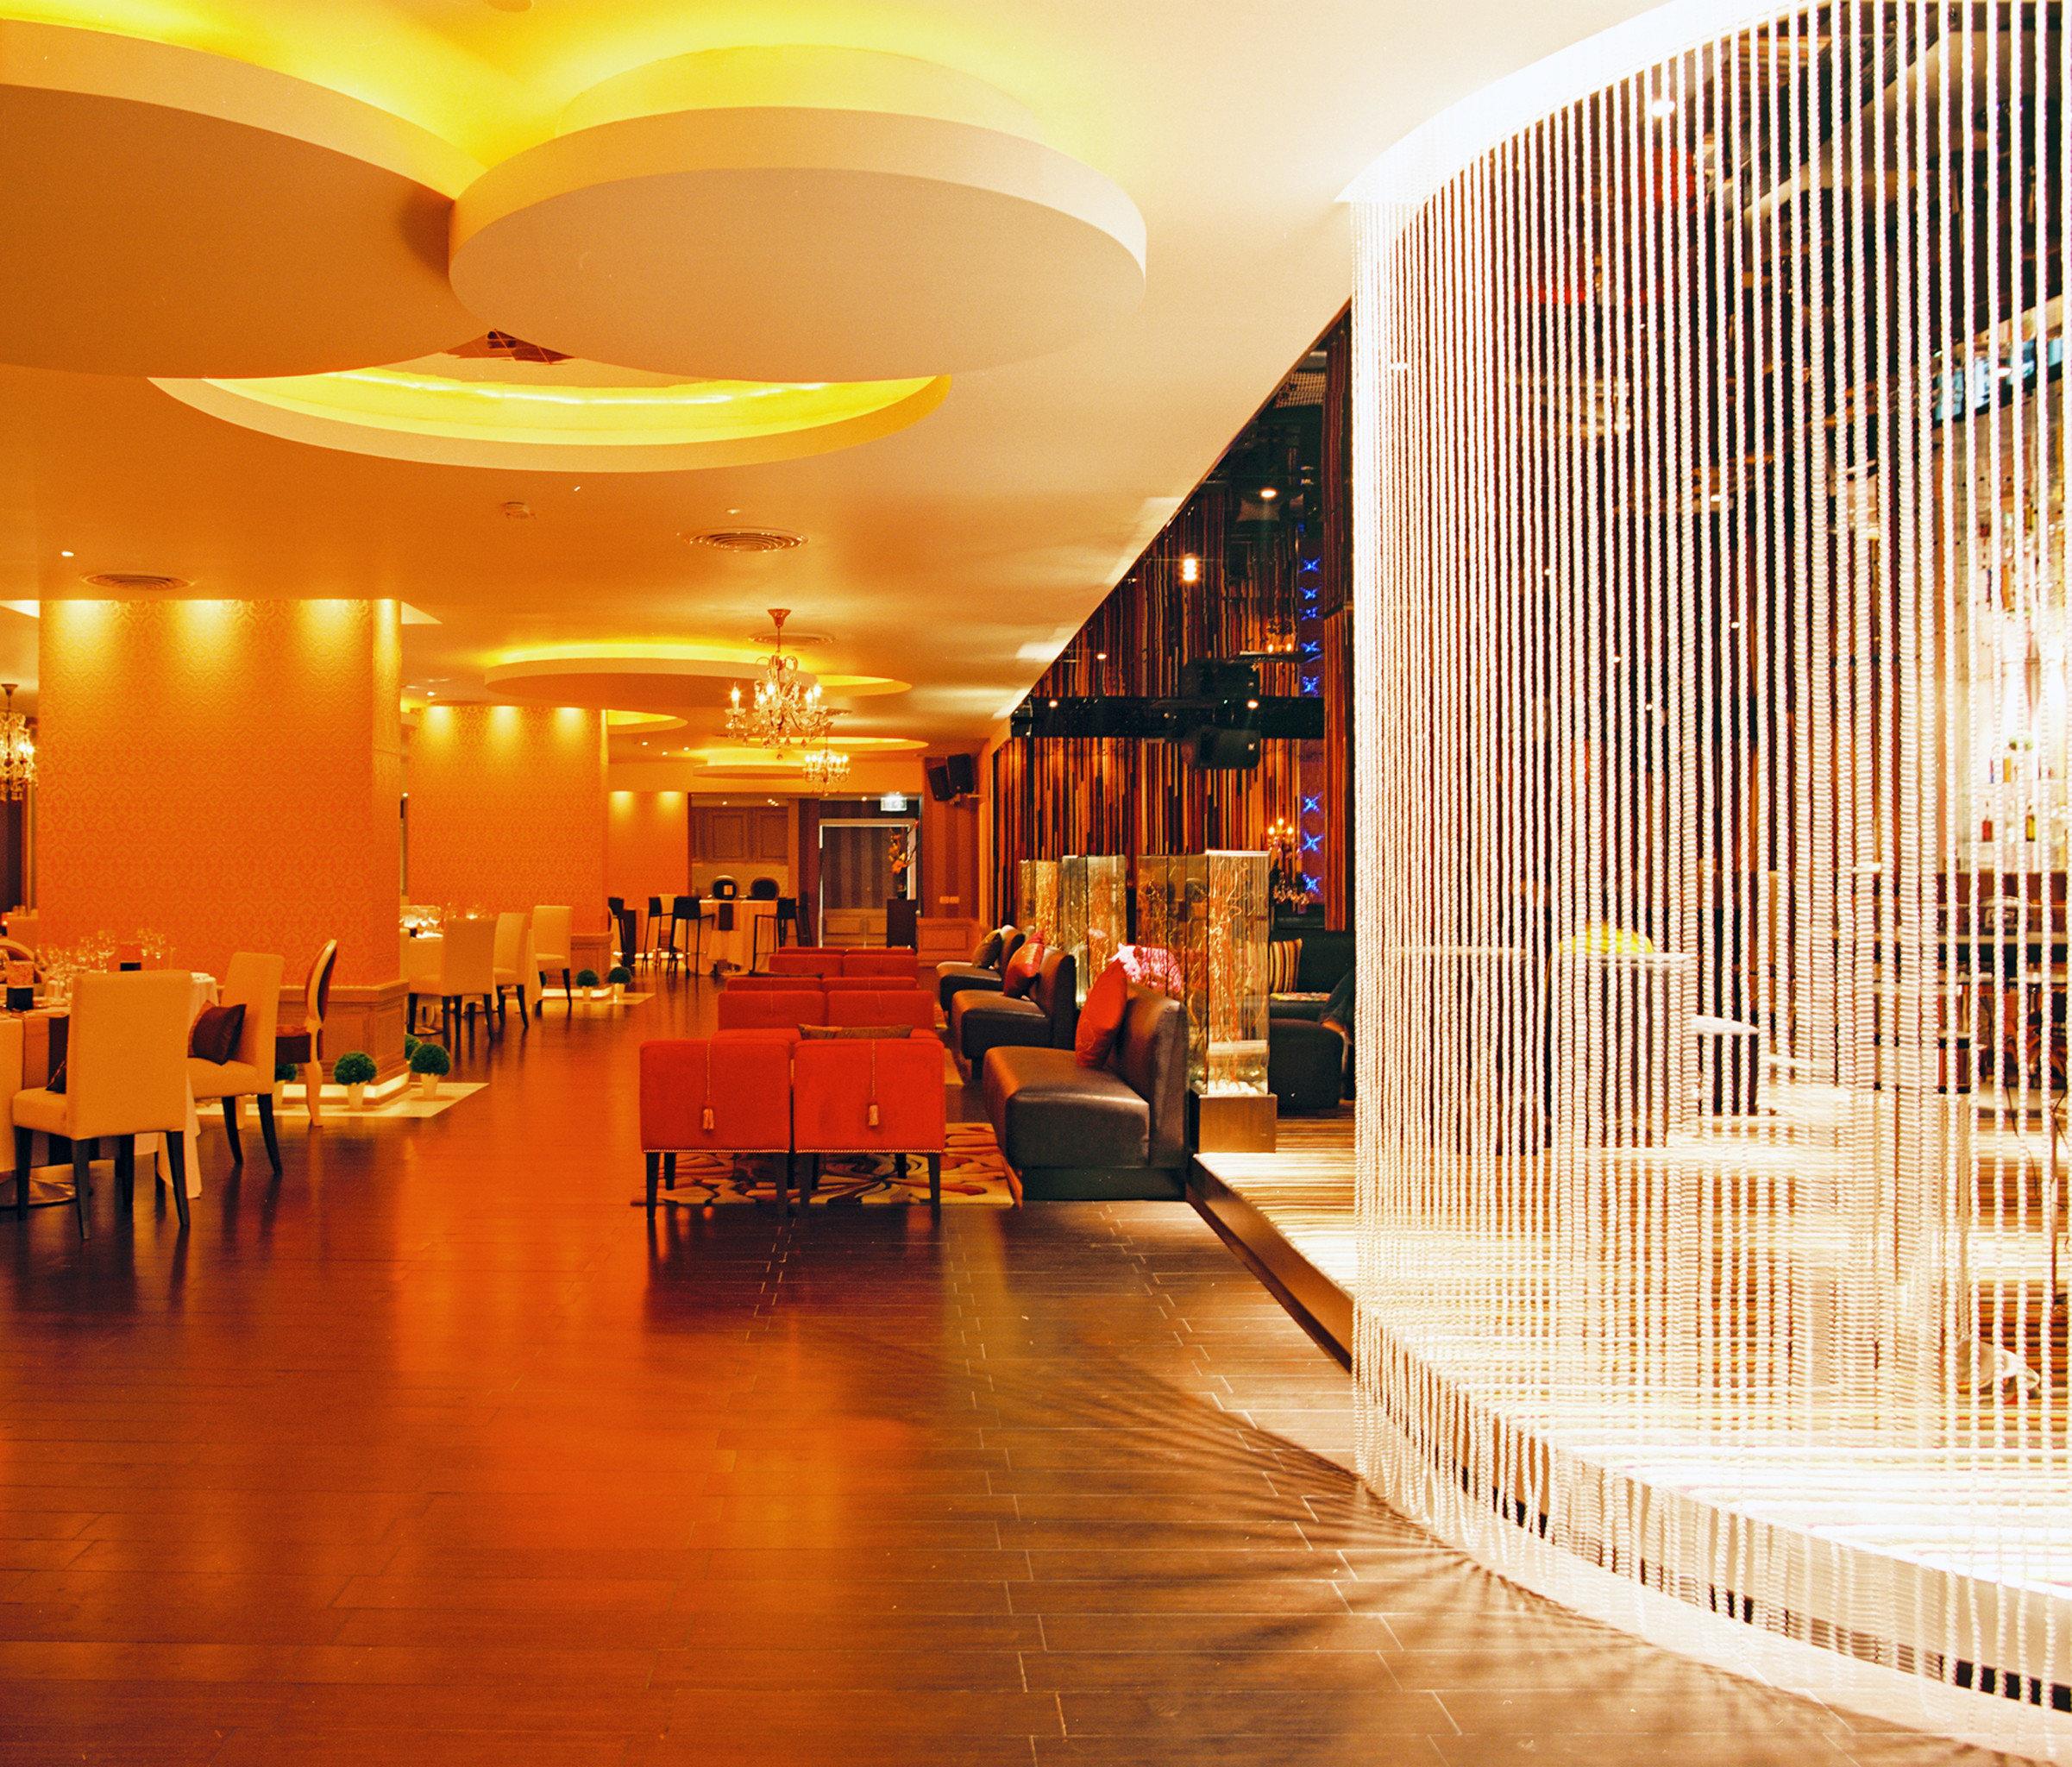 Bar Dining Drink Eat Hip Modern light night lighting Lobby restaurant